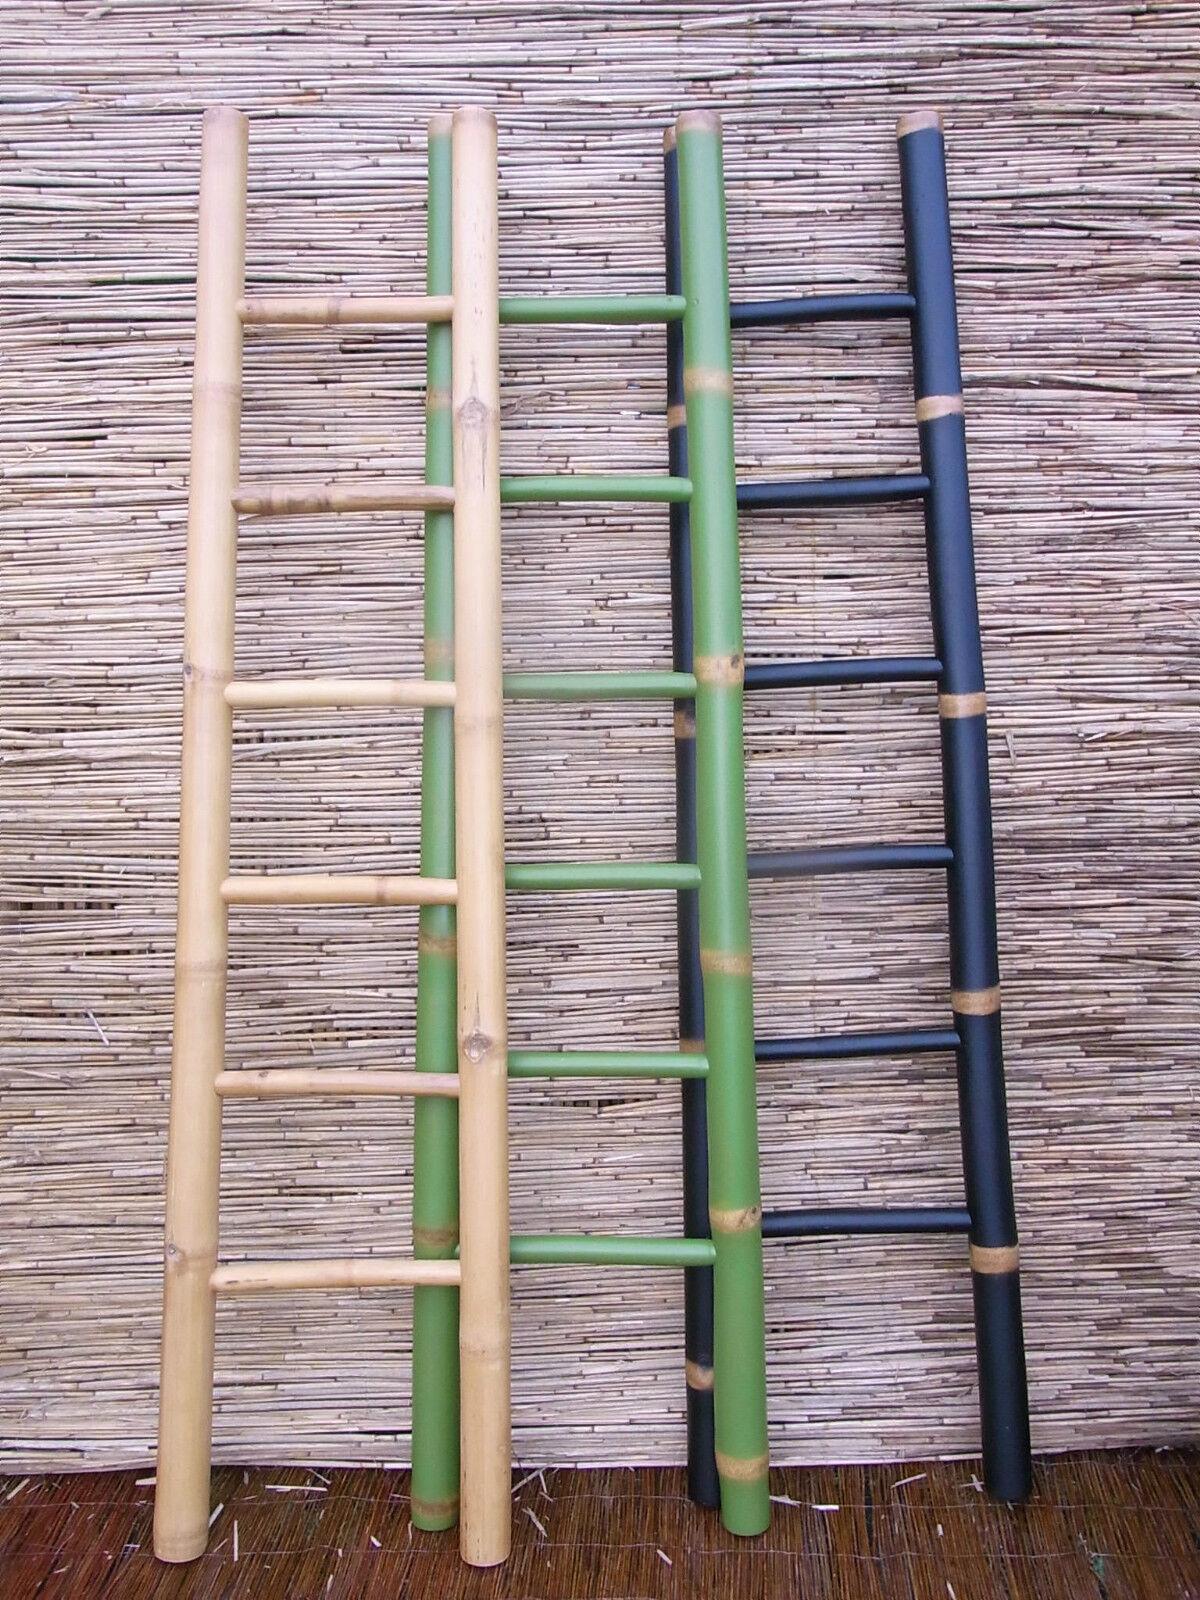 Bambusleiter Leiter Handtuchhalter Kleiderständer Kleiderleiter 200cm 3 Farbig